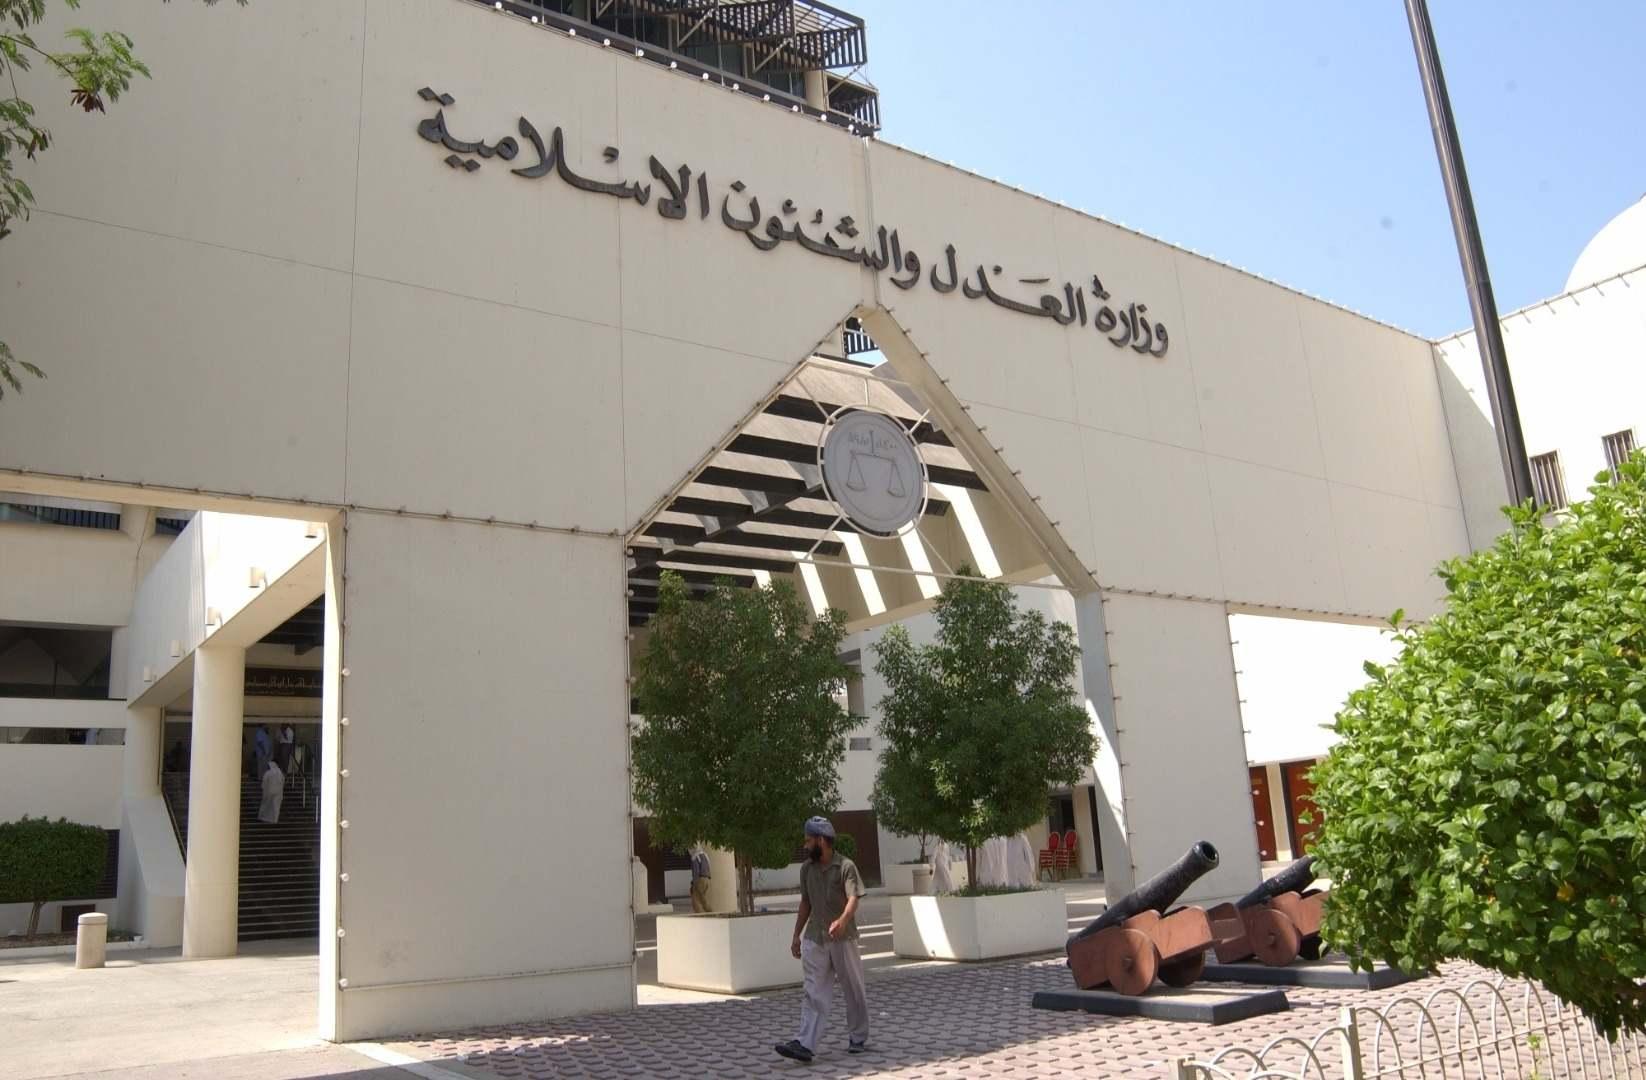 النظام الخليفيّ يؤيّد حكمًا بالسجن 7 سنوات لمواطنَين بتهم كيديّة